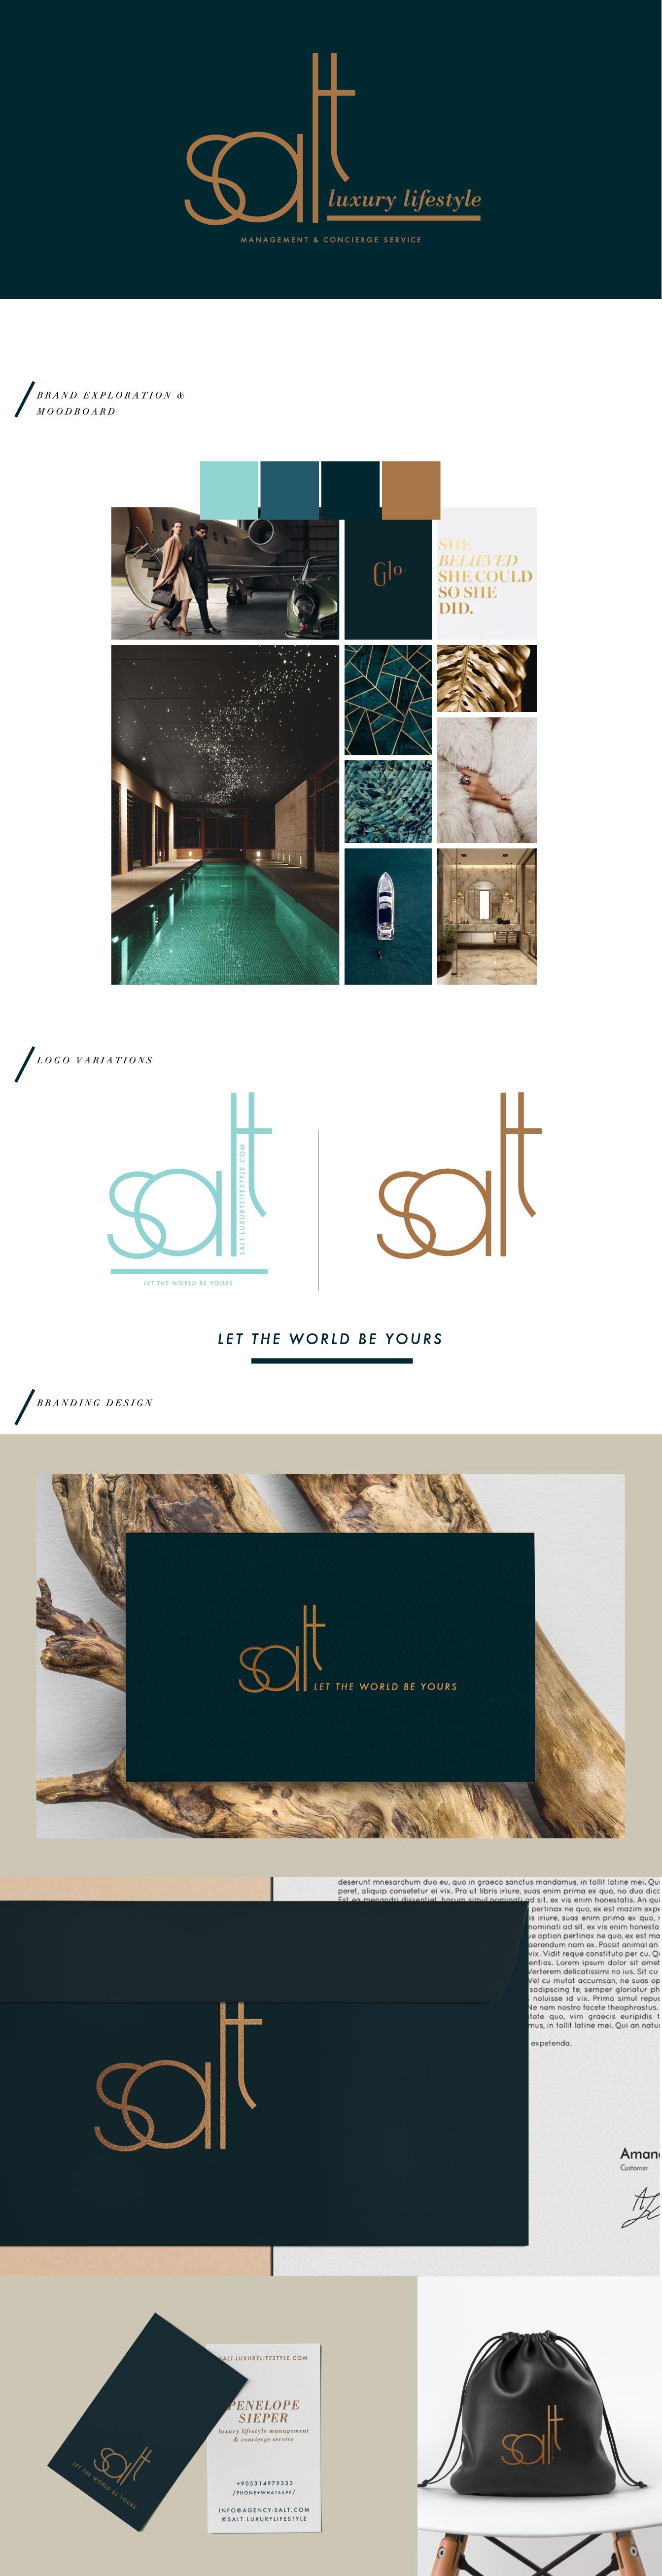 SALT_branding-01.png